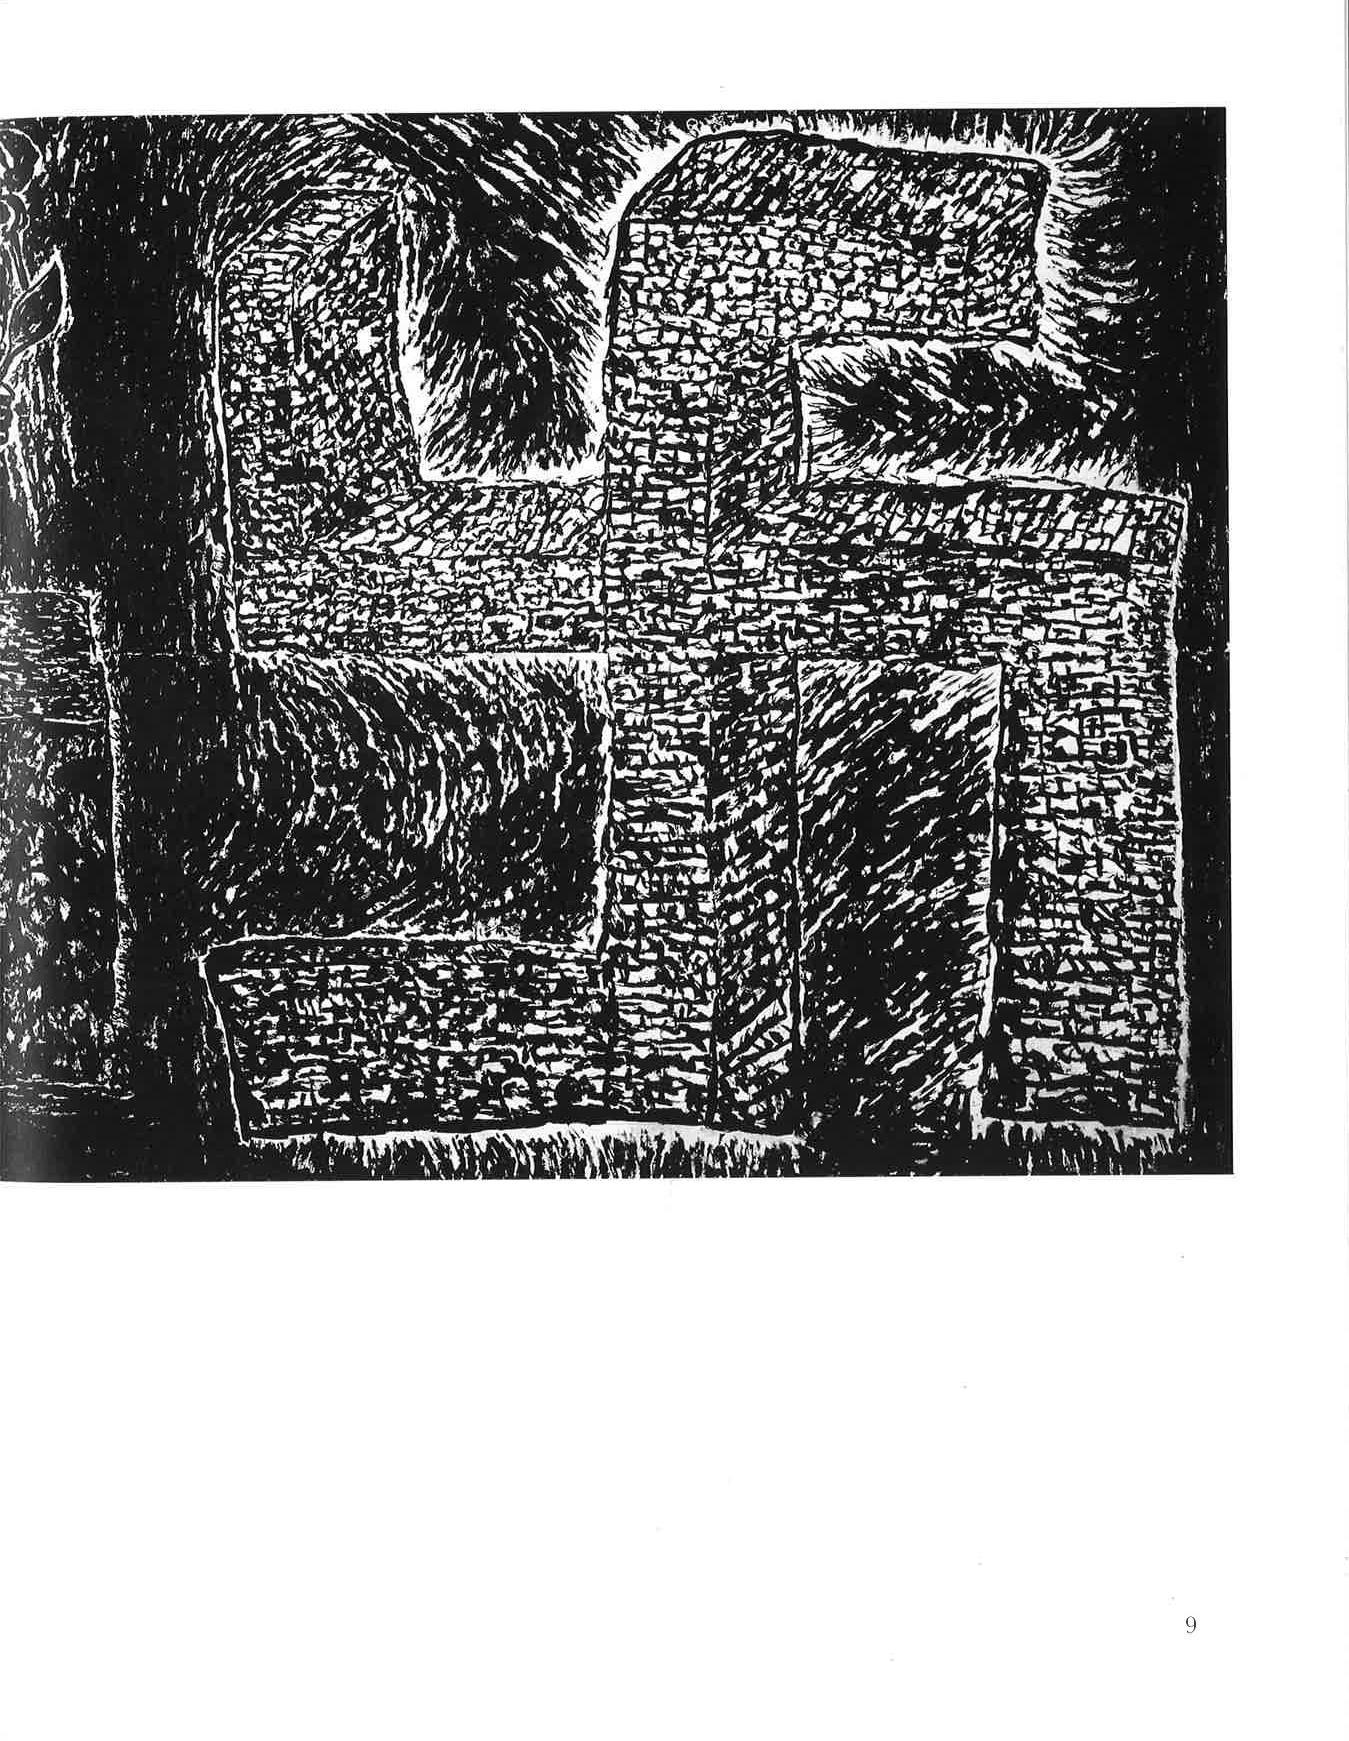 Seite 9.jpg